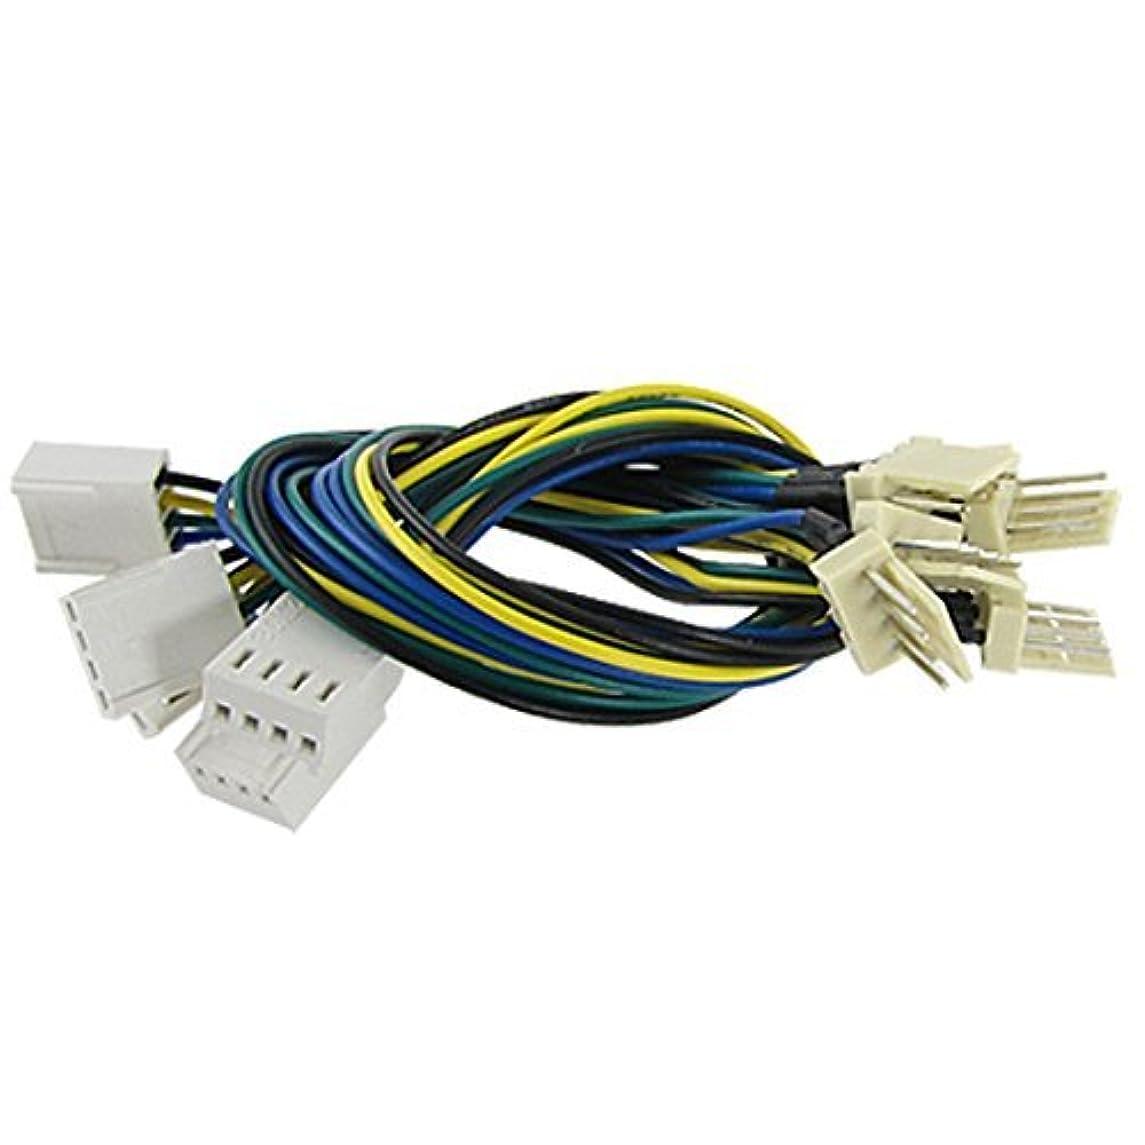 eDealMax PC refrigerador ventilador DE 4 Pines de alimentación Extensión del Cable Principal DE 23 cm de Largo DE 5 PC Verde Amarillo